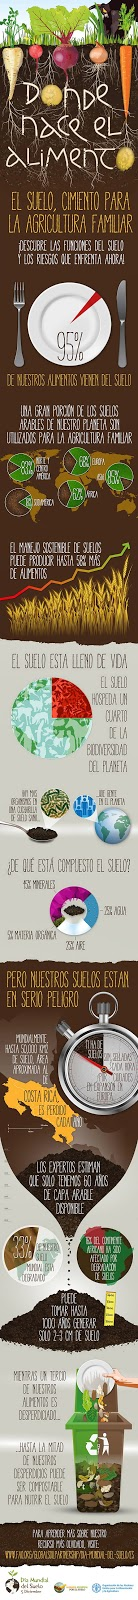 Infografía que describe las funciones del suelo y los riesgos a los que se enfrenta.